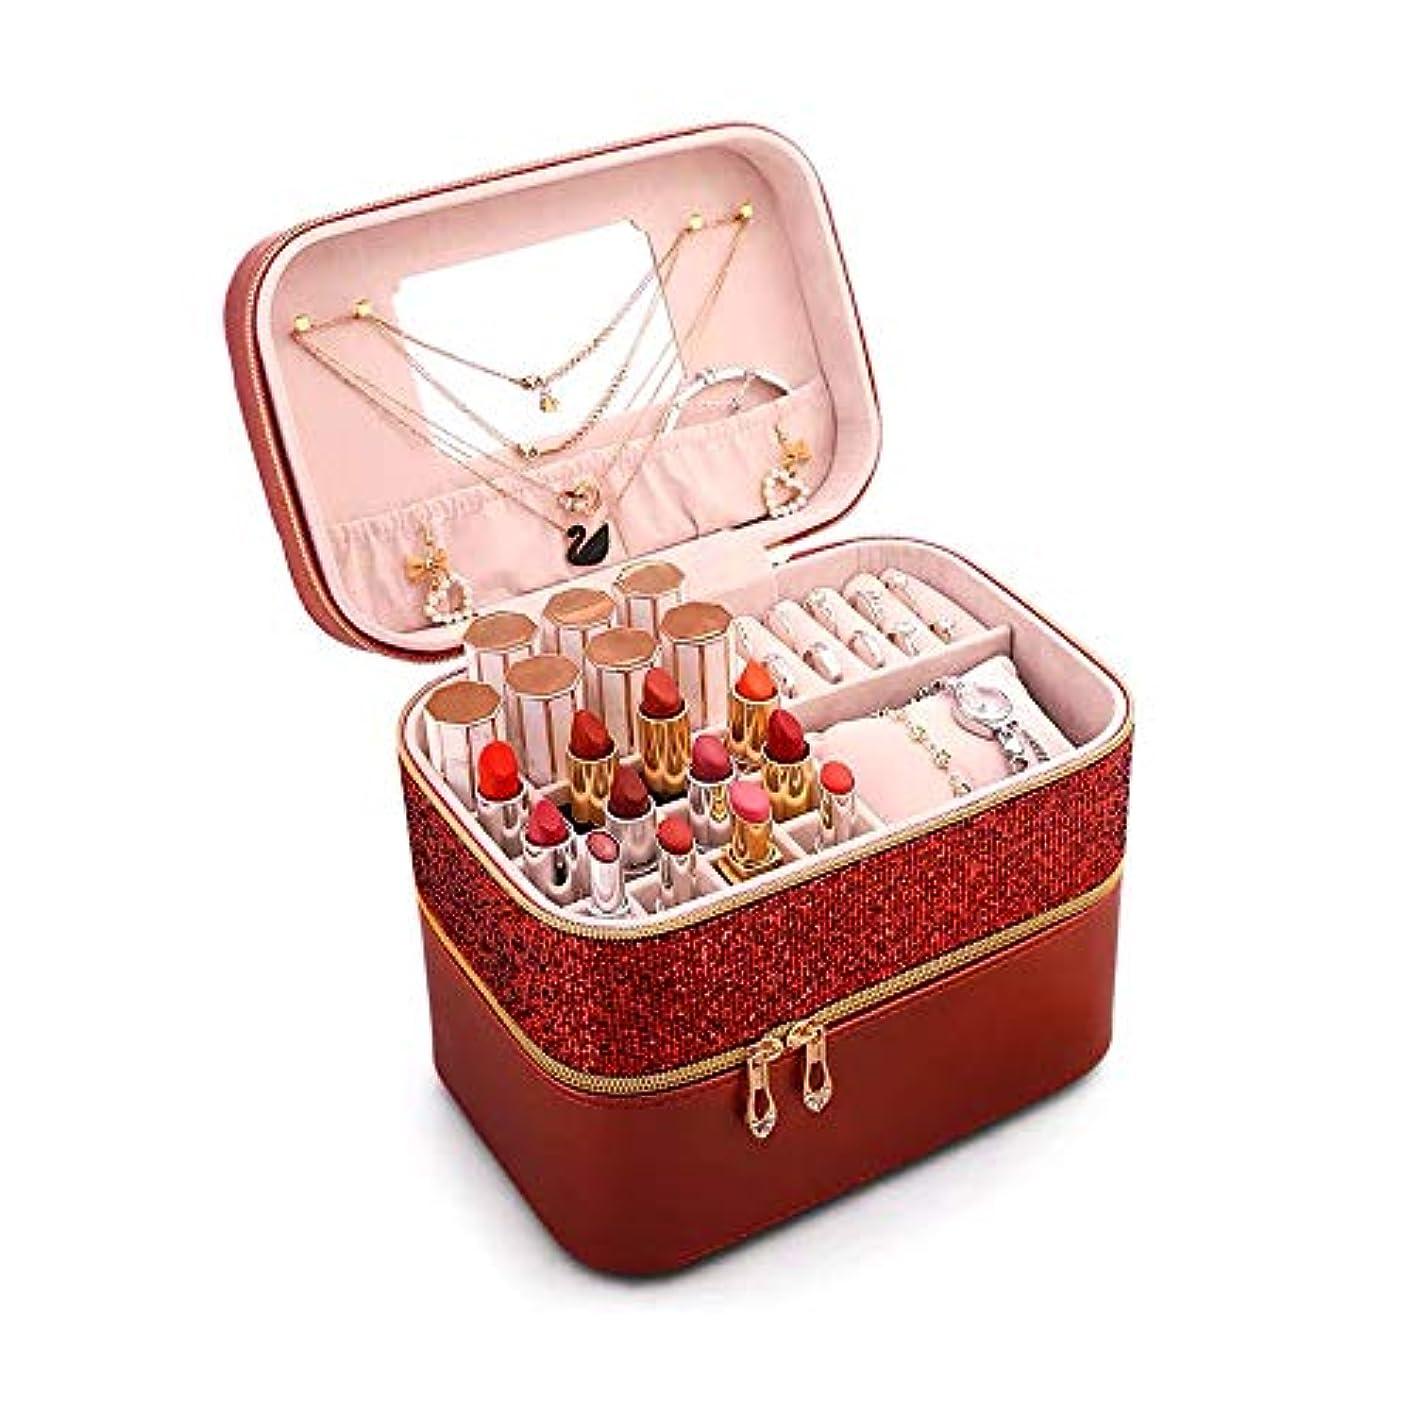 束自治的落ち着いてSZTulip メイクボックス 化粧品収納ボックス メイクケース コスメボックス 口紅など小物入れ アクセサリー収納 大容量鏡付き (レッド)